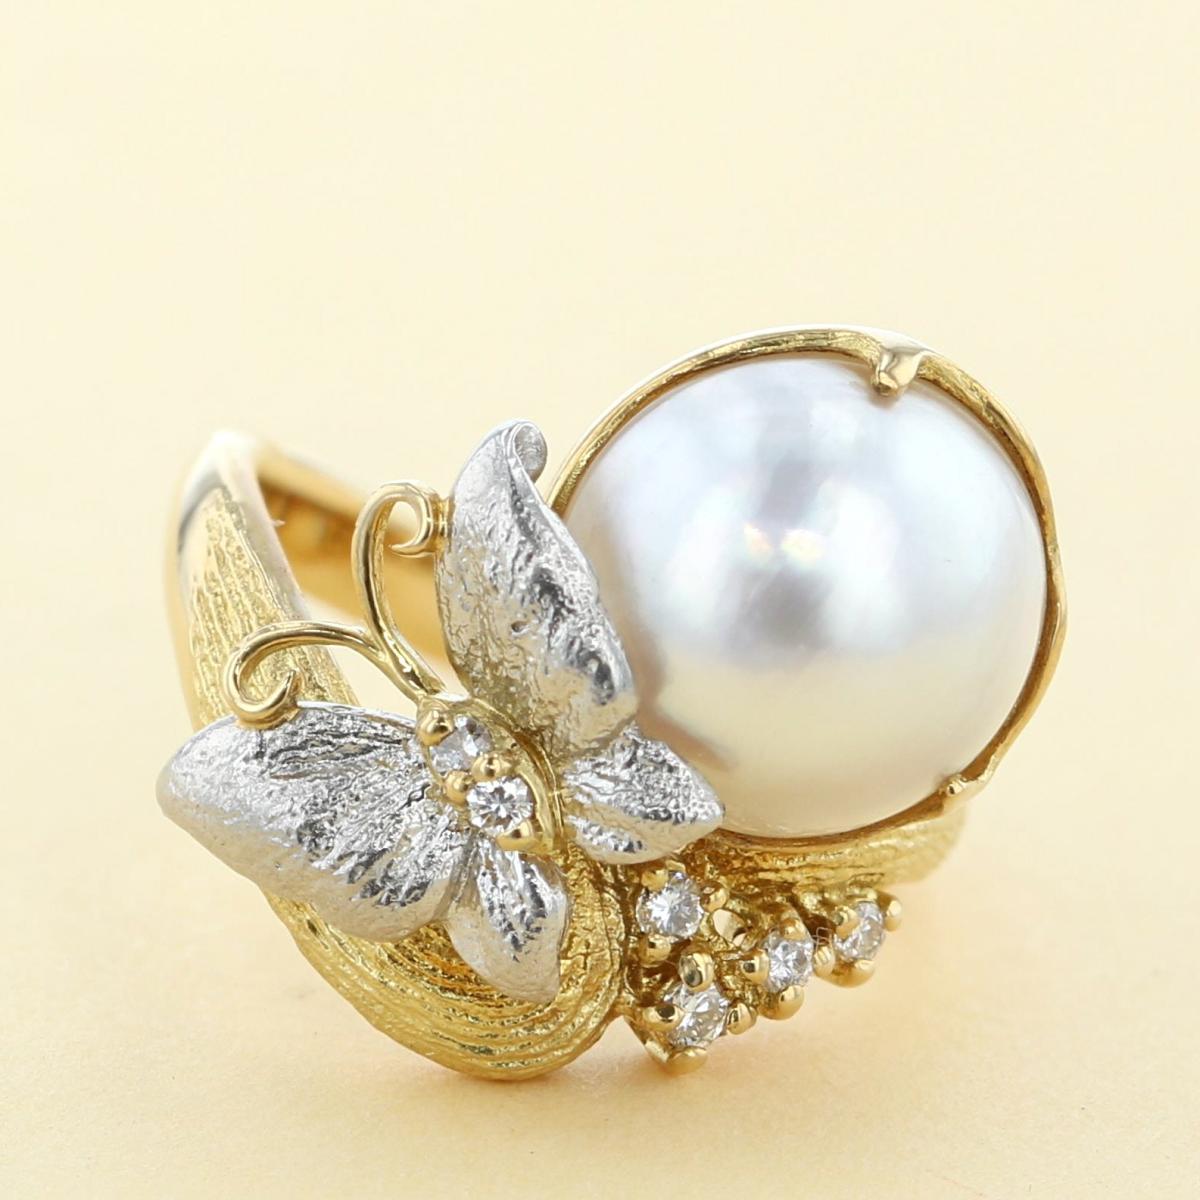 【中古】 小川和夫 K18YG PT900 パール ダイヤモンドリング ブランドジュエリー 指輪